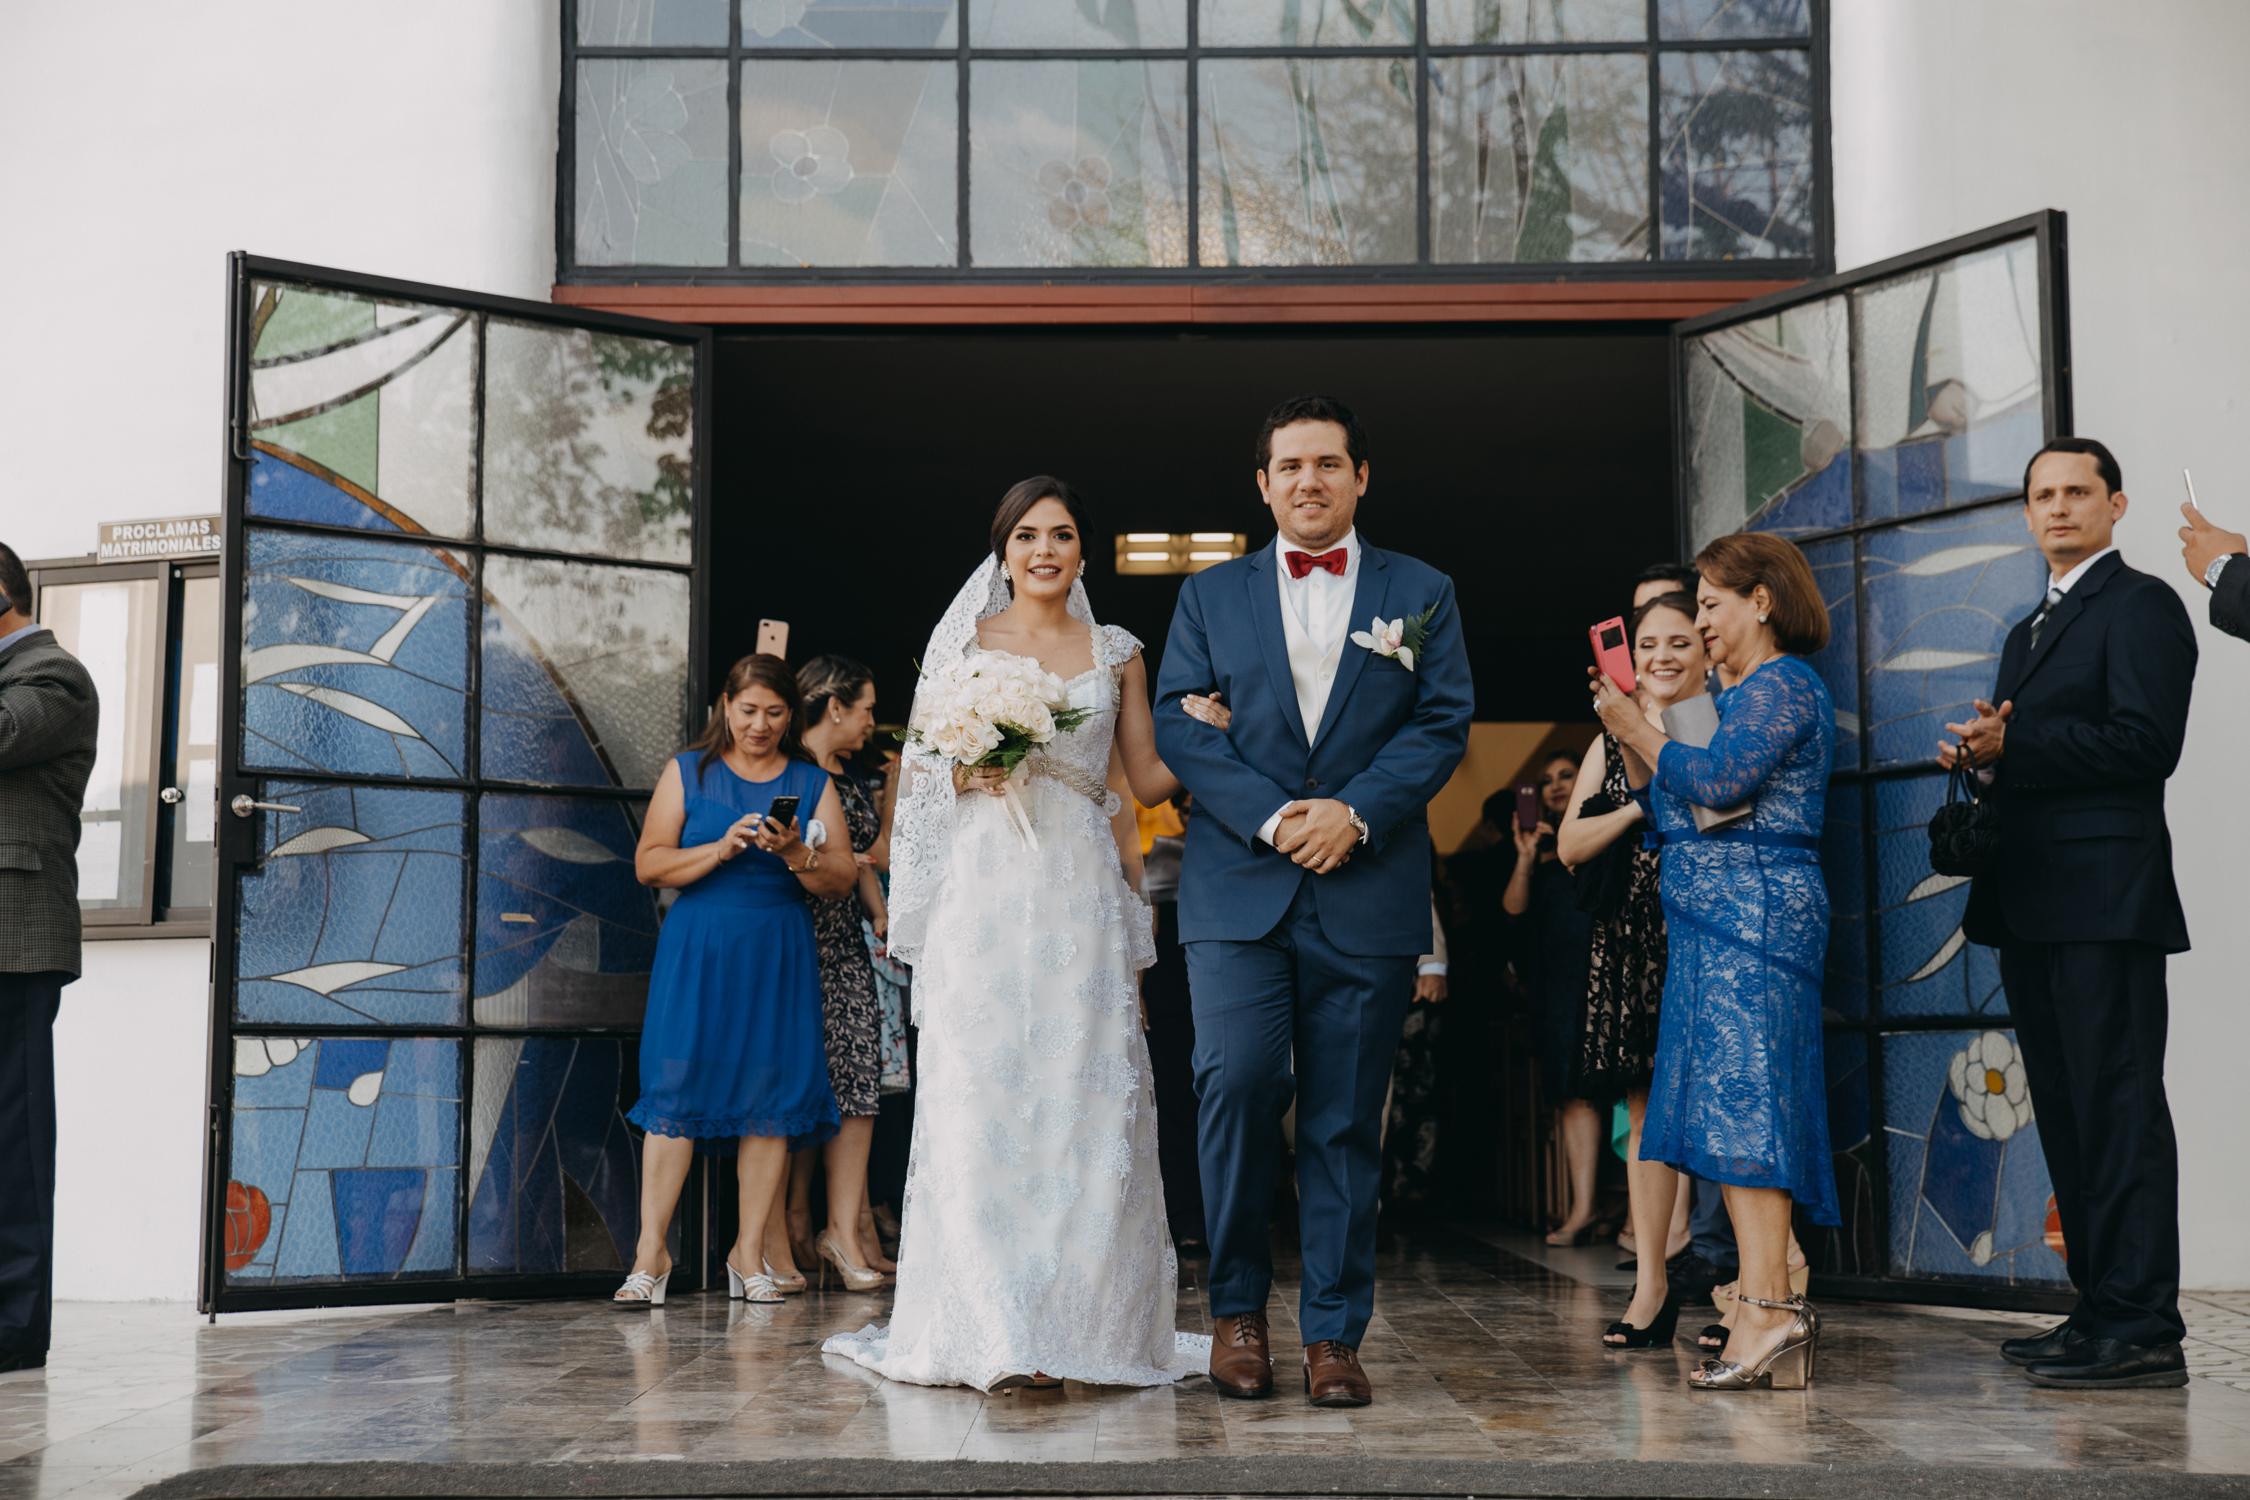 Michelle-Agurto-Fotografia-Bodas-Ecuador-Destination-Wedding-Photographer-Cristi-Luis-67.JPG